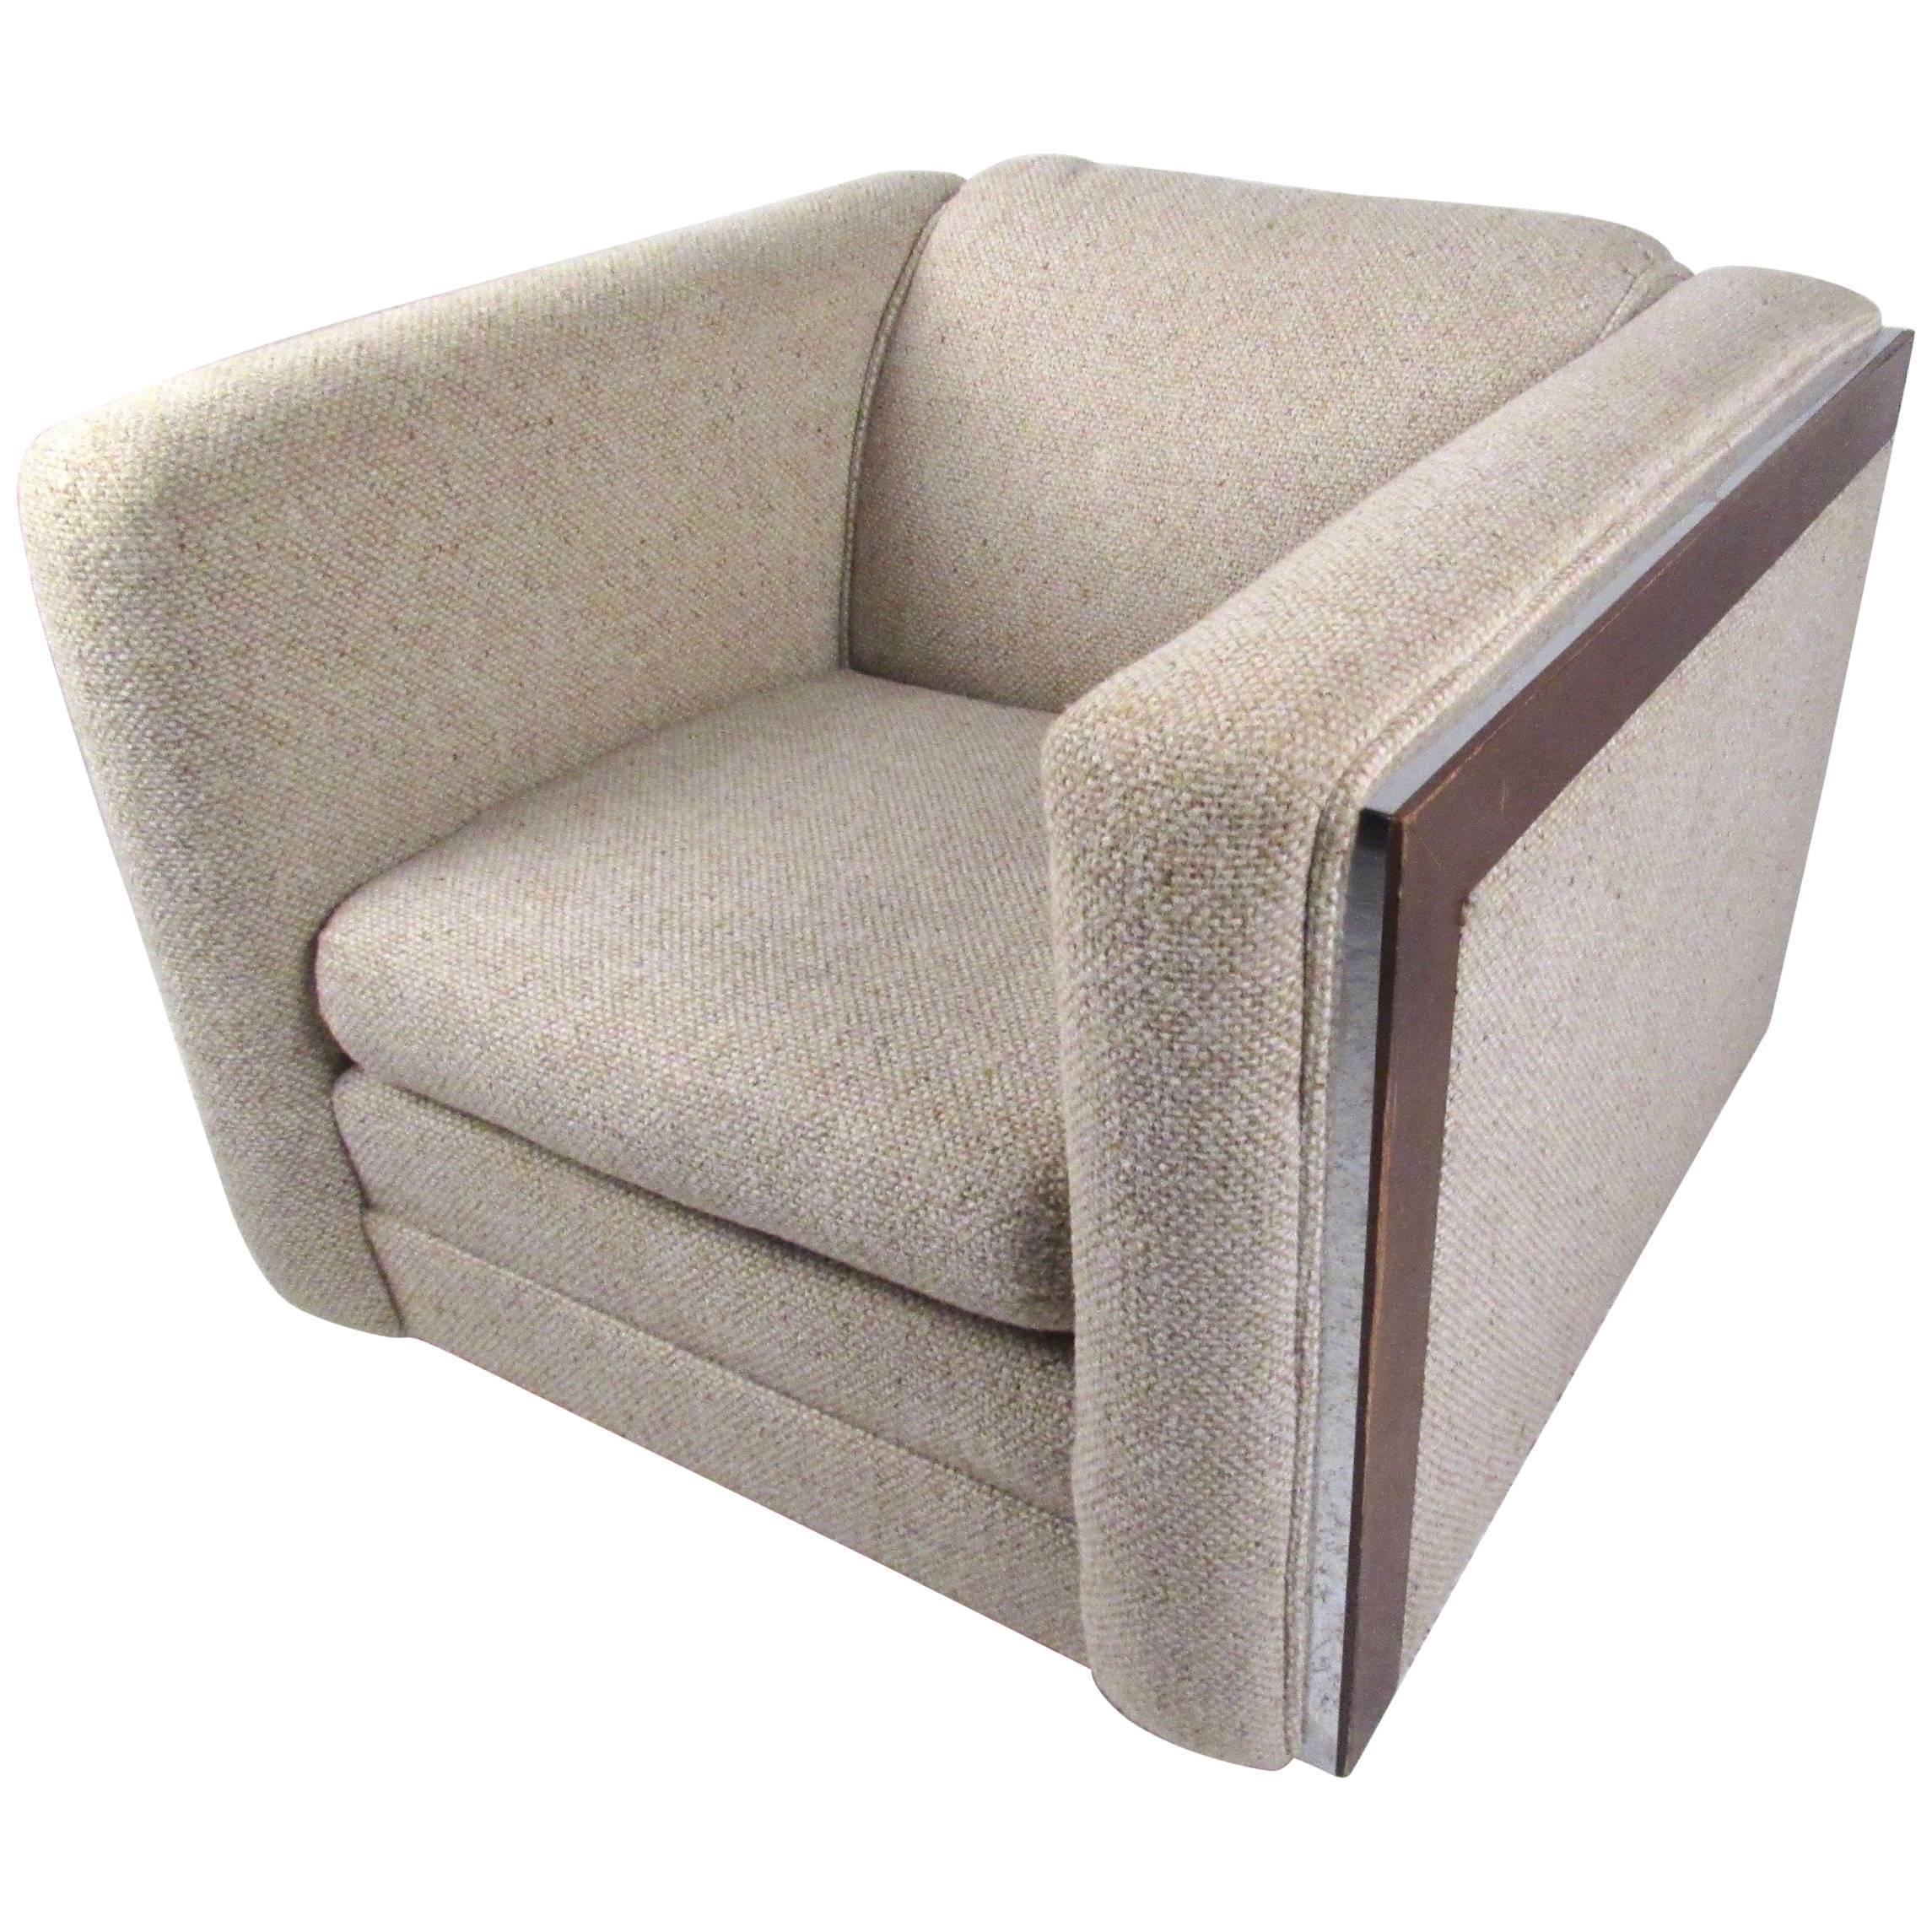 Stylish Retro Club Chair by Flexsteel